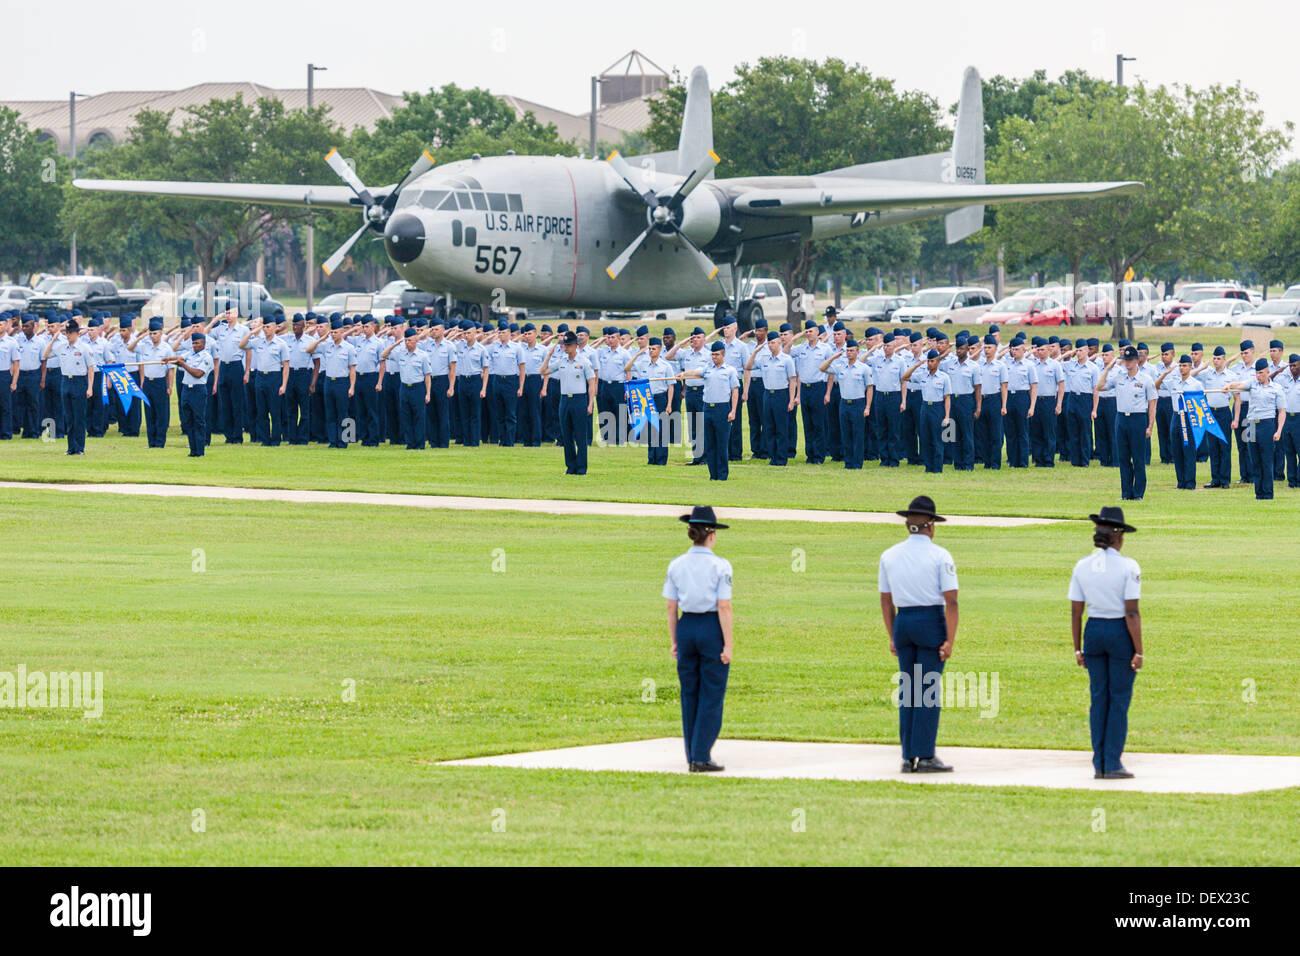 Flüge der Flieger in Bildung während der United States Air Force Grundausbildung Abschlussfeiern In San Antonio, Texas Stockbild